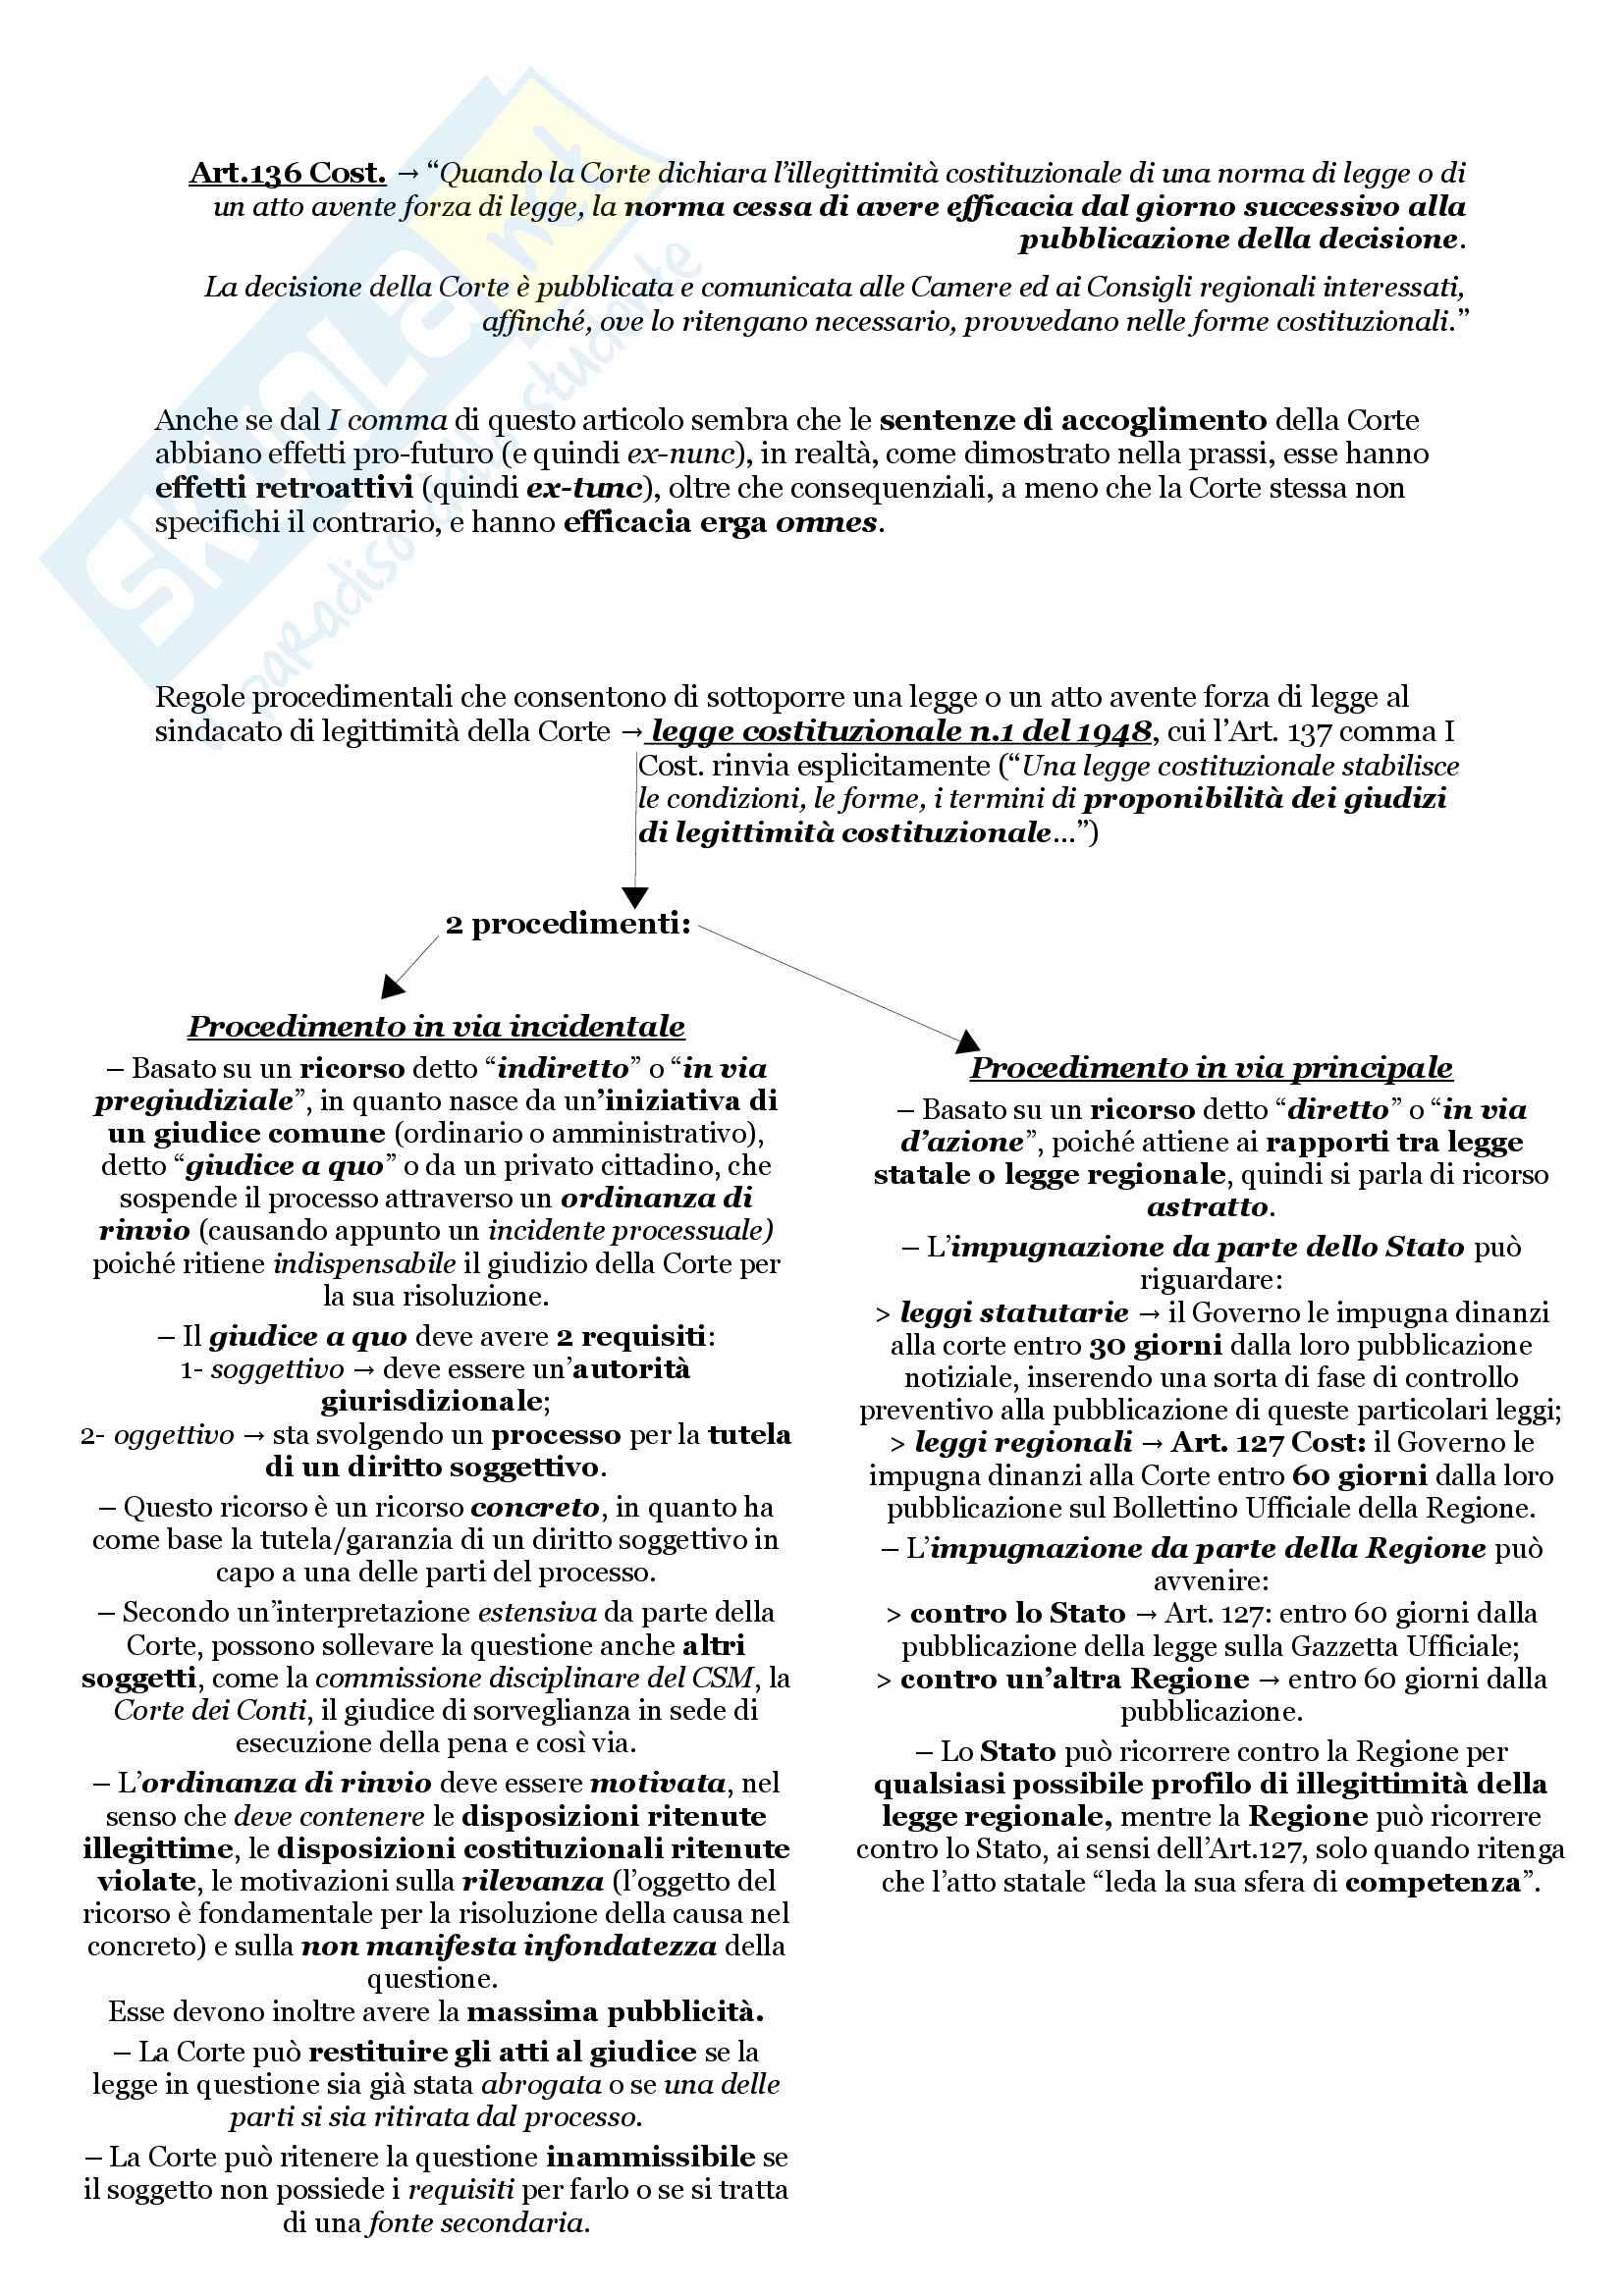 Schemi riassuntivi di istituzioni di diritto pubblico (libro di riferimento: Diritto costituzionale e pubblico, Carretti, De Siervo) Pag. 86